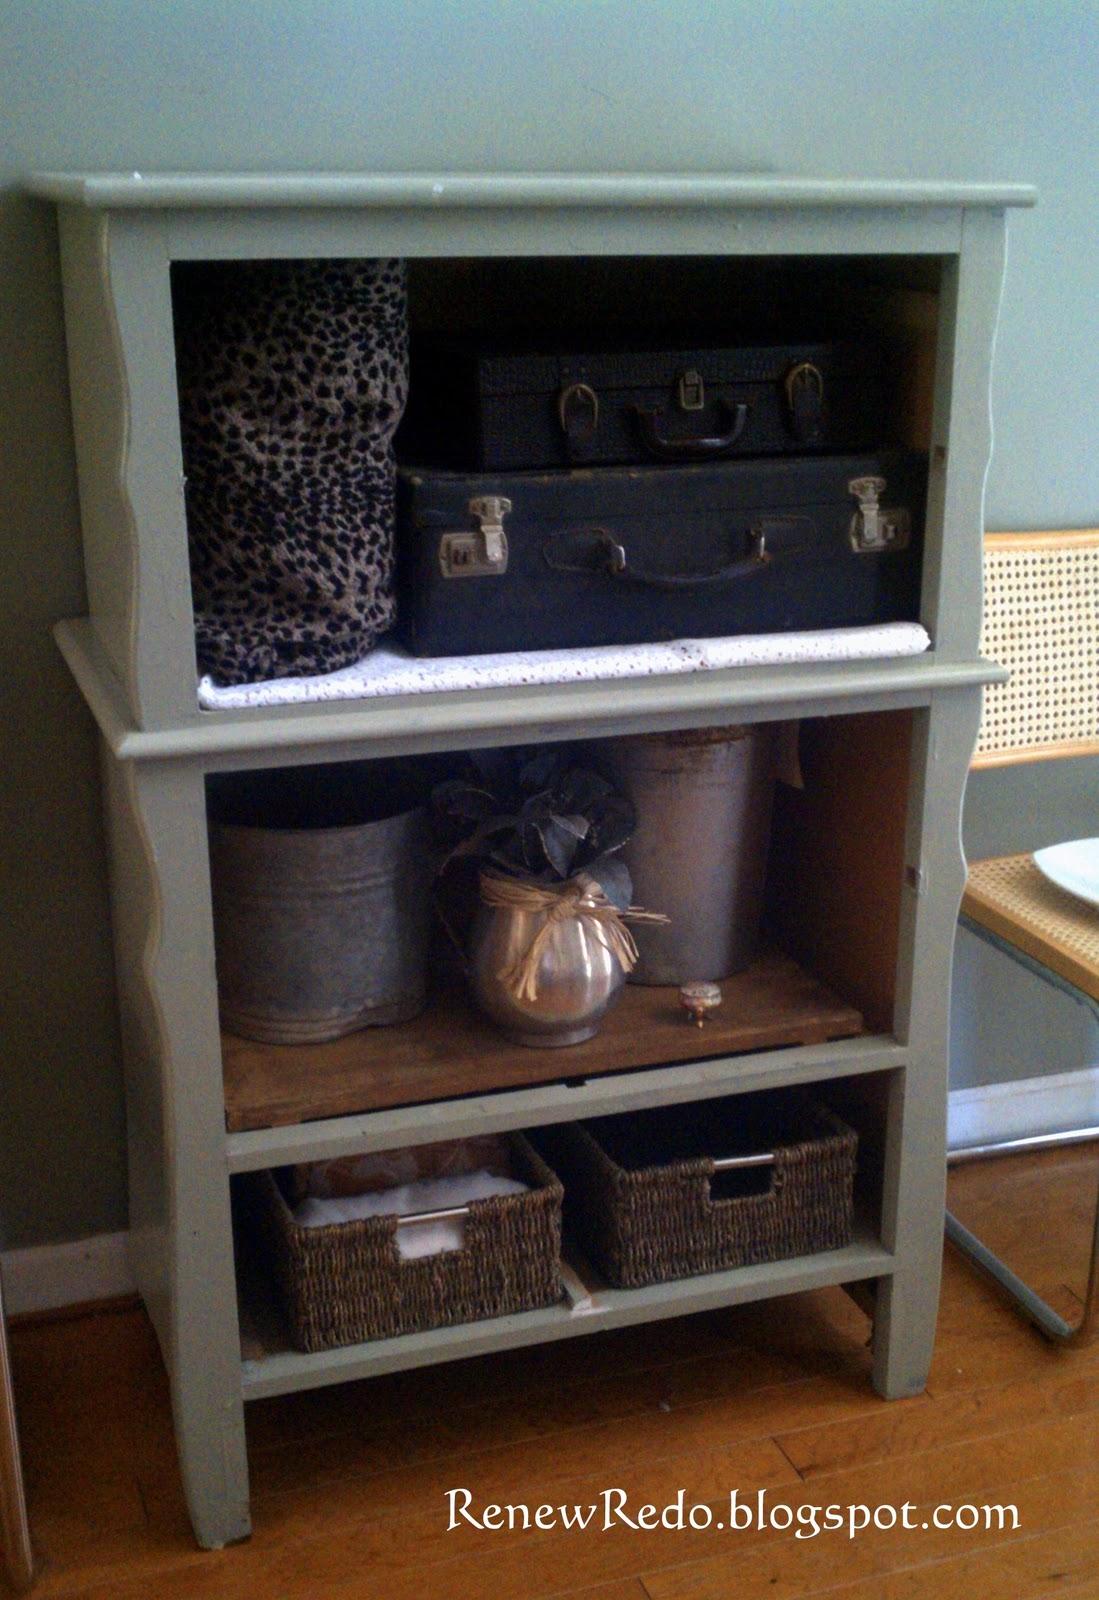 renew redo repurposed chest of drawers